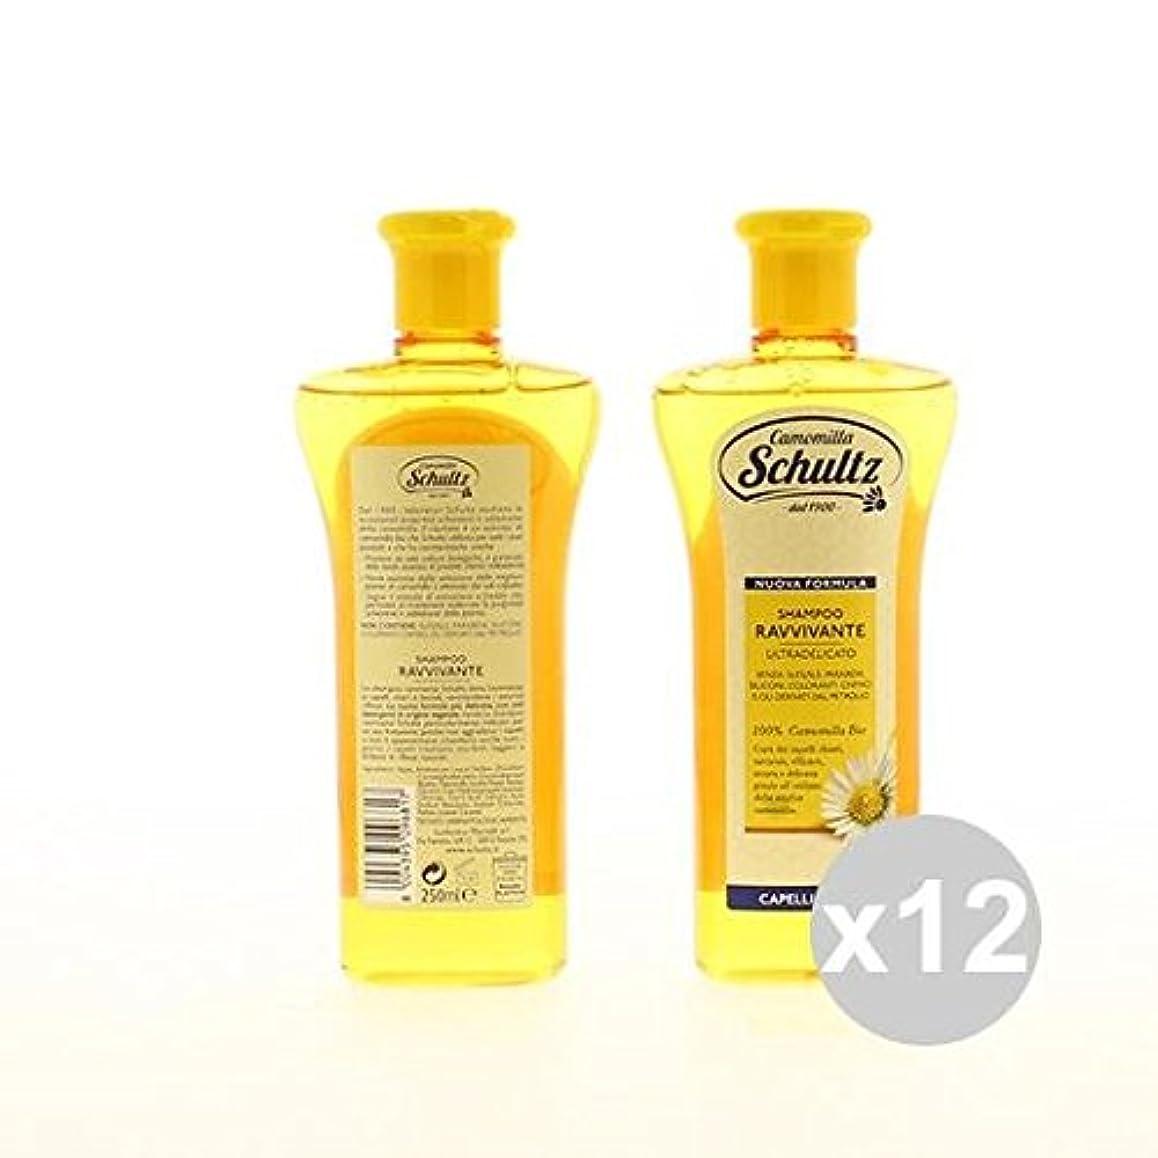 廃棄する乳製品ドラッグ12 SCHULTZシャンプー250 Ravvivanteシャンプーとコンディショナーヘア製品のセット